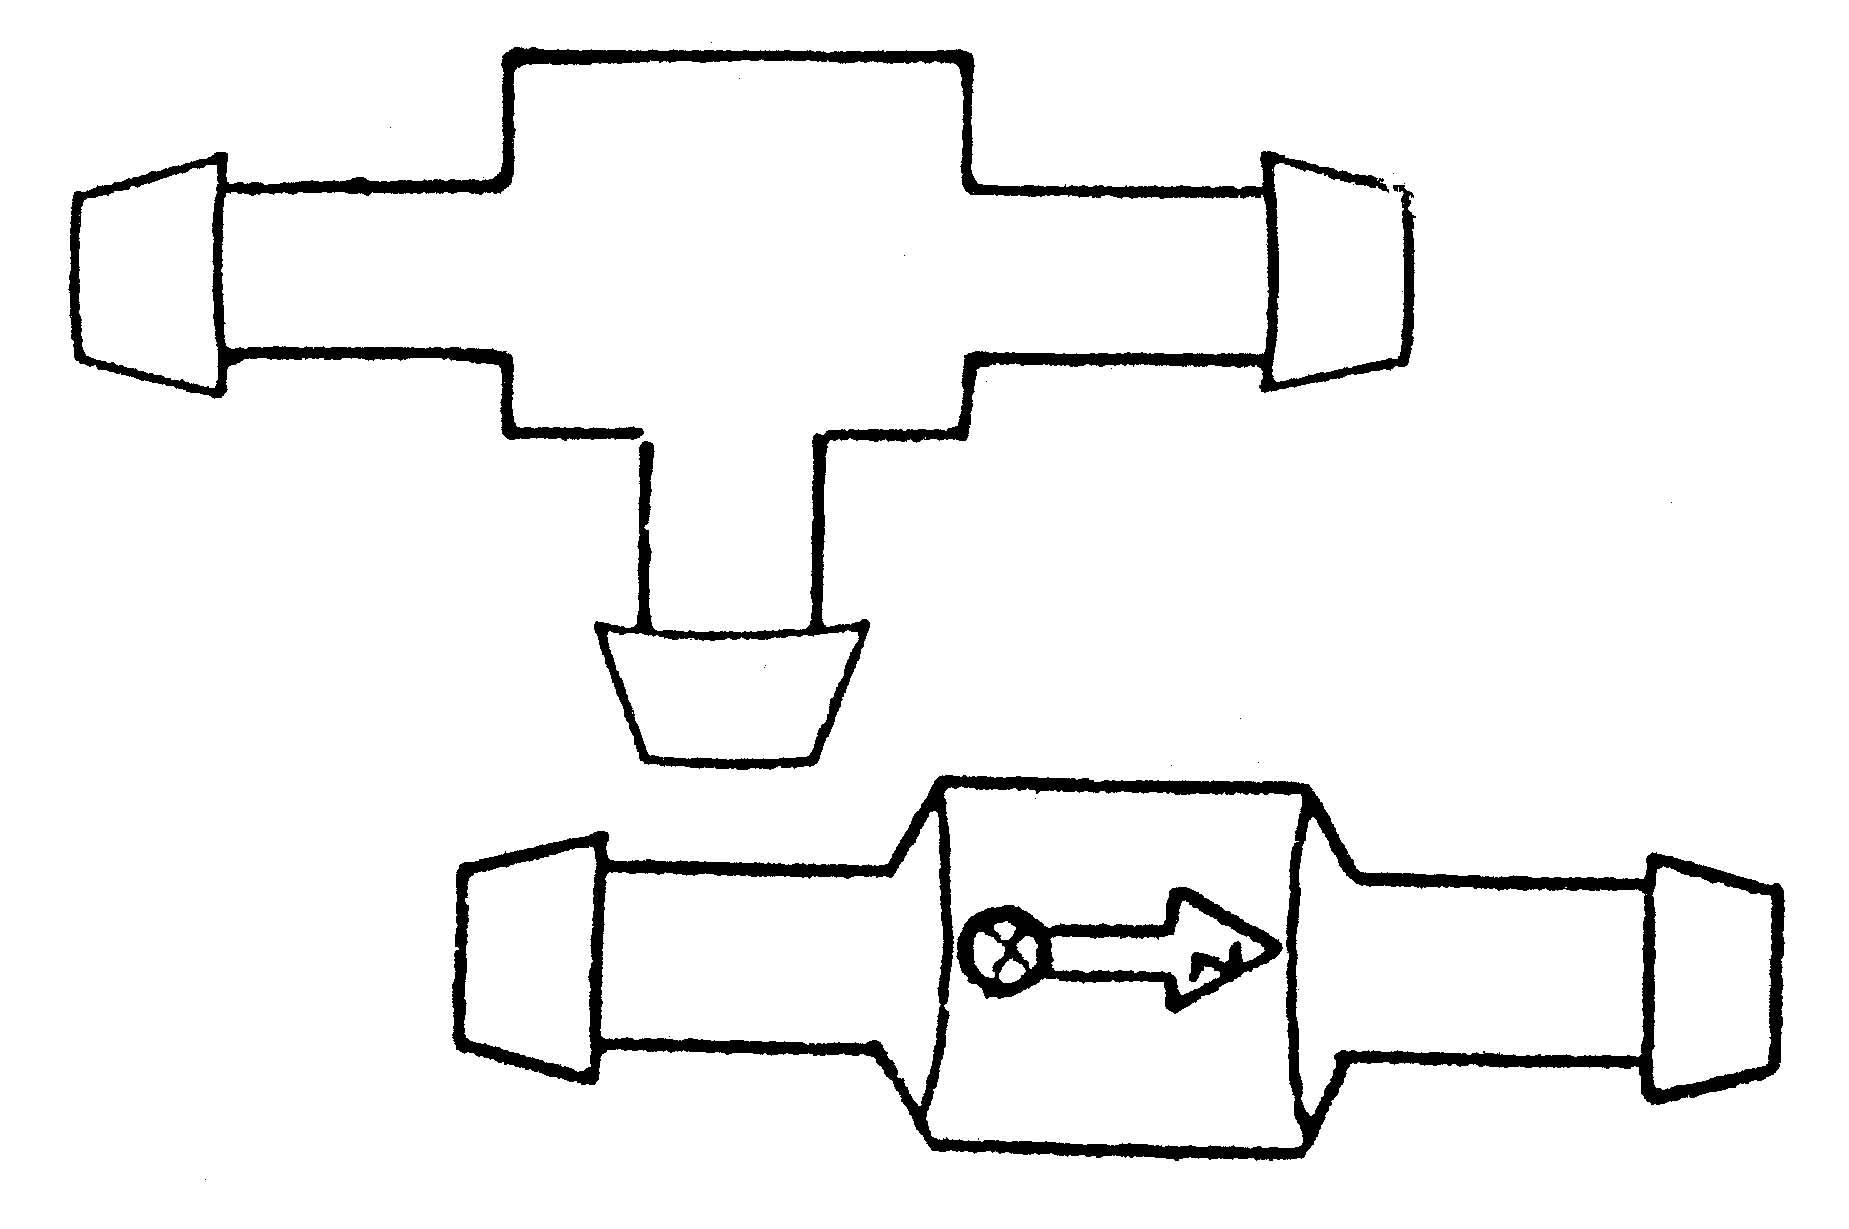 Pneuline Controls Pneumatic Air Restrictors And Indicators